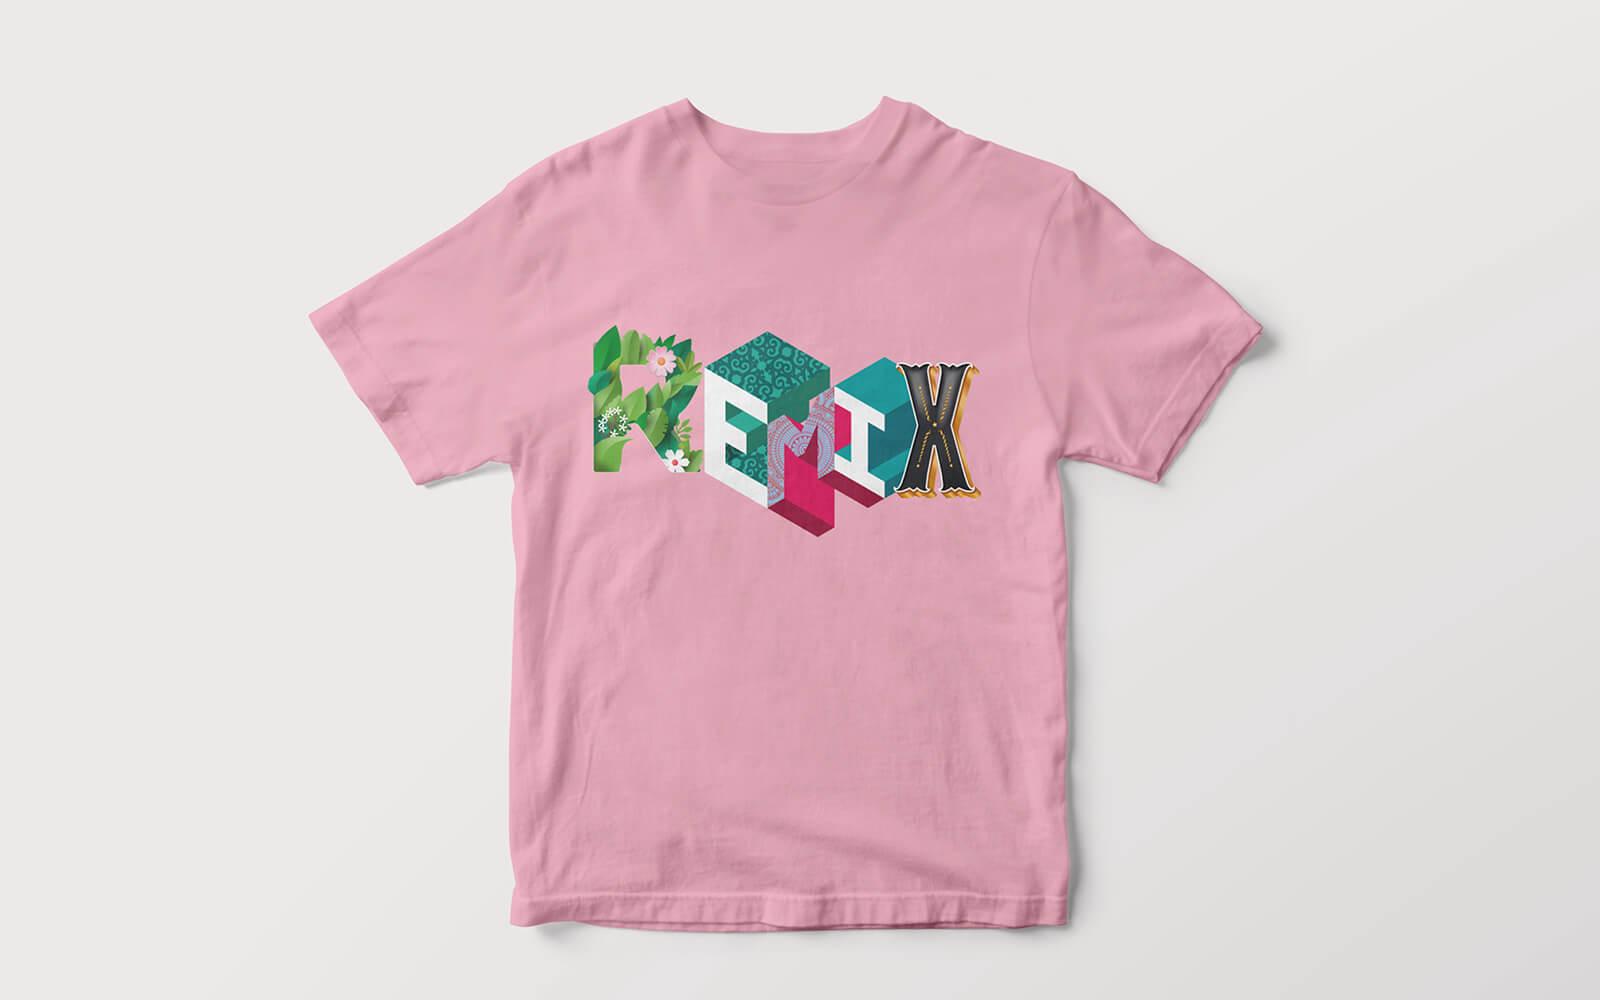 t-shirt illustrata progettata dallo studio di comunicazioen diadestudio, per notte di fiaba edizione 2020